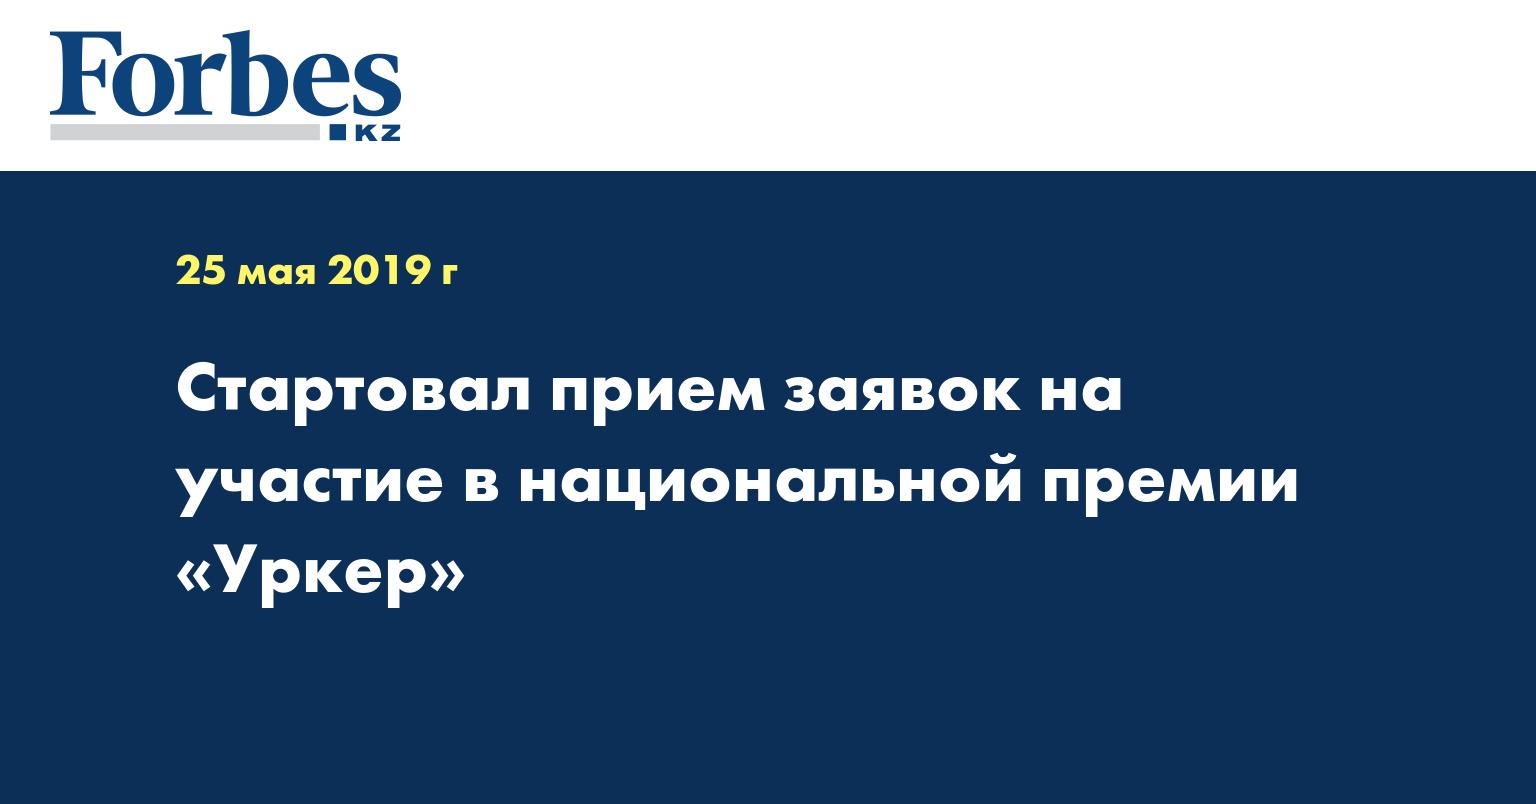 Стартовал прием заявок на участие в национальной премии «Уркер»